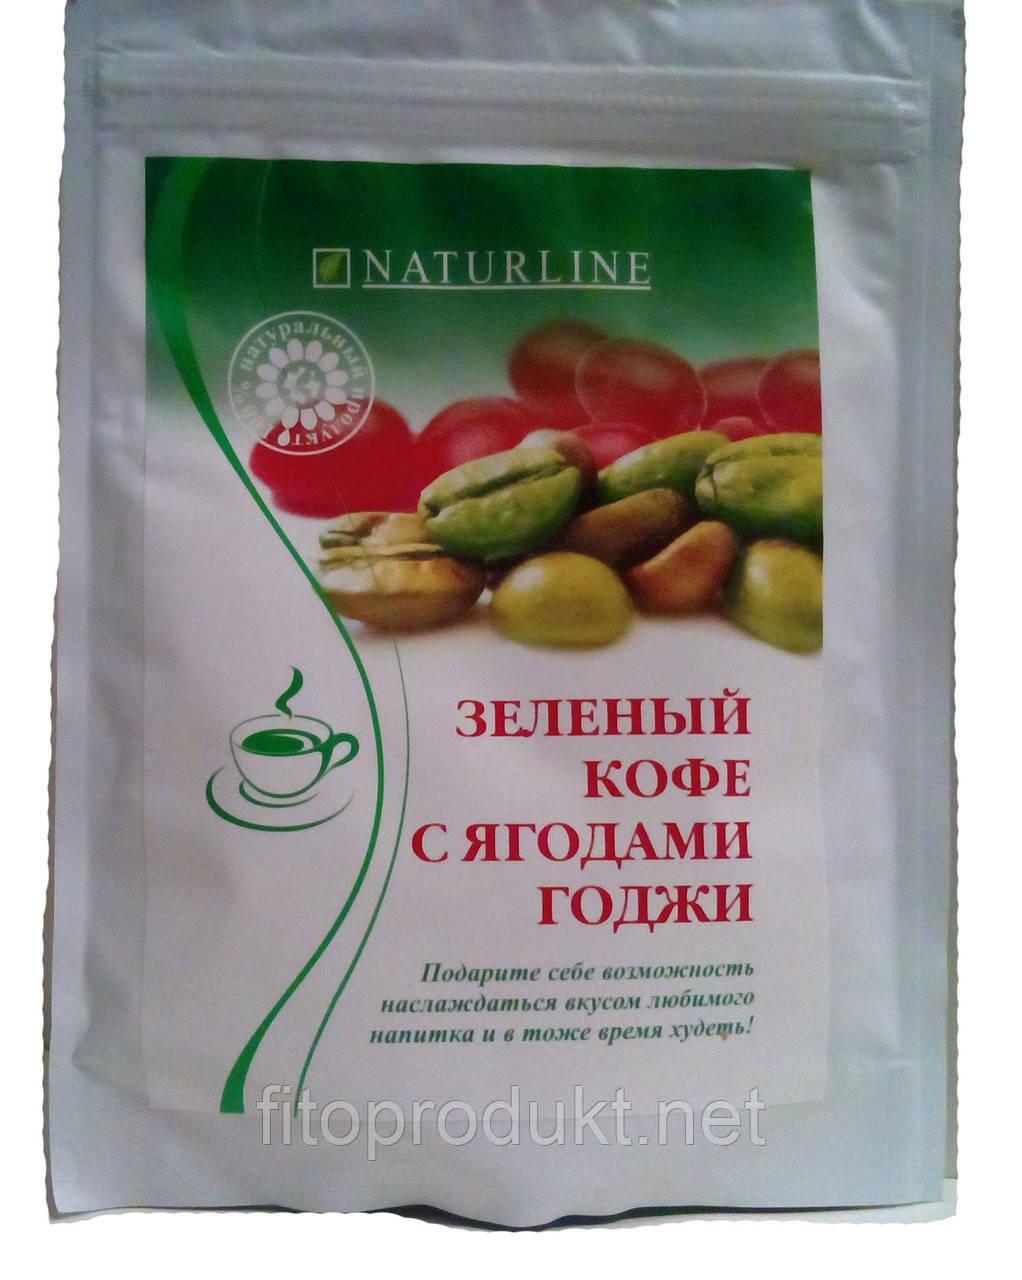 Зелёный кофе с ягодами годжи – вкусное похудение Biola